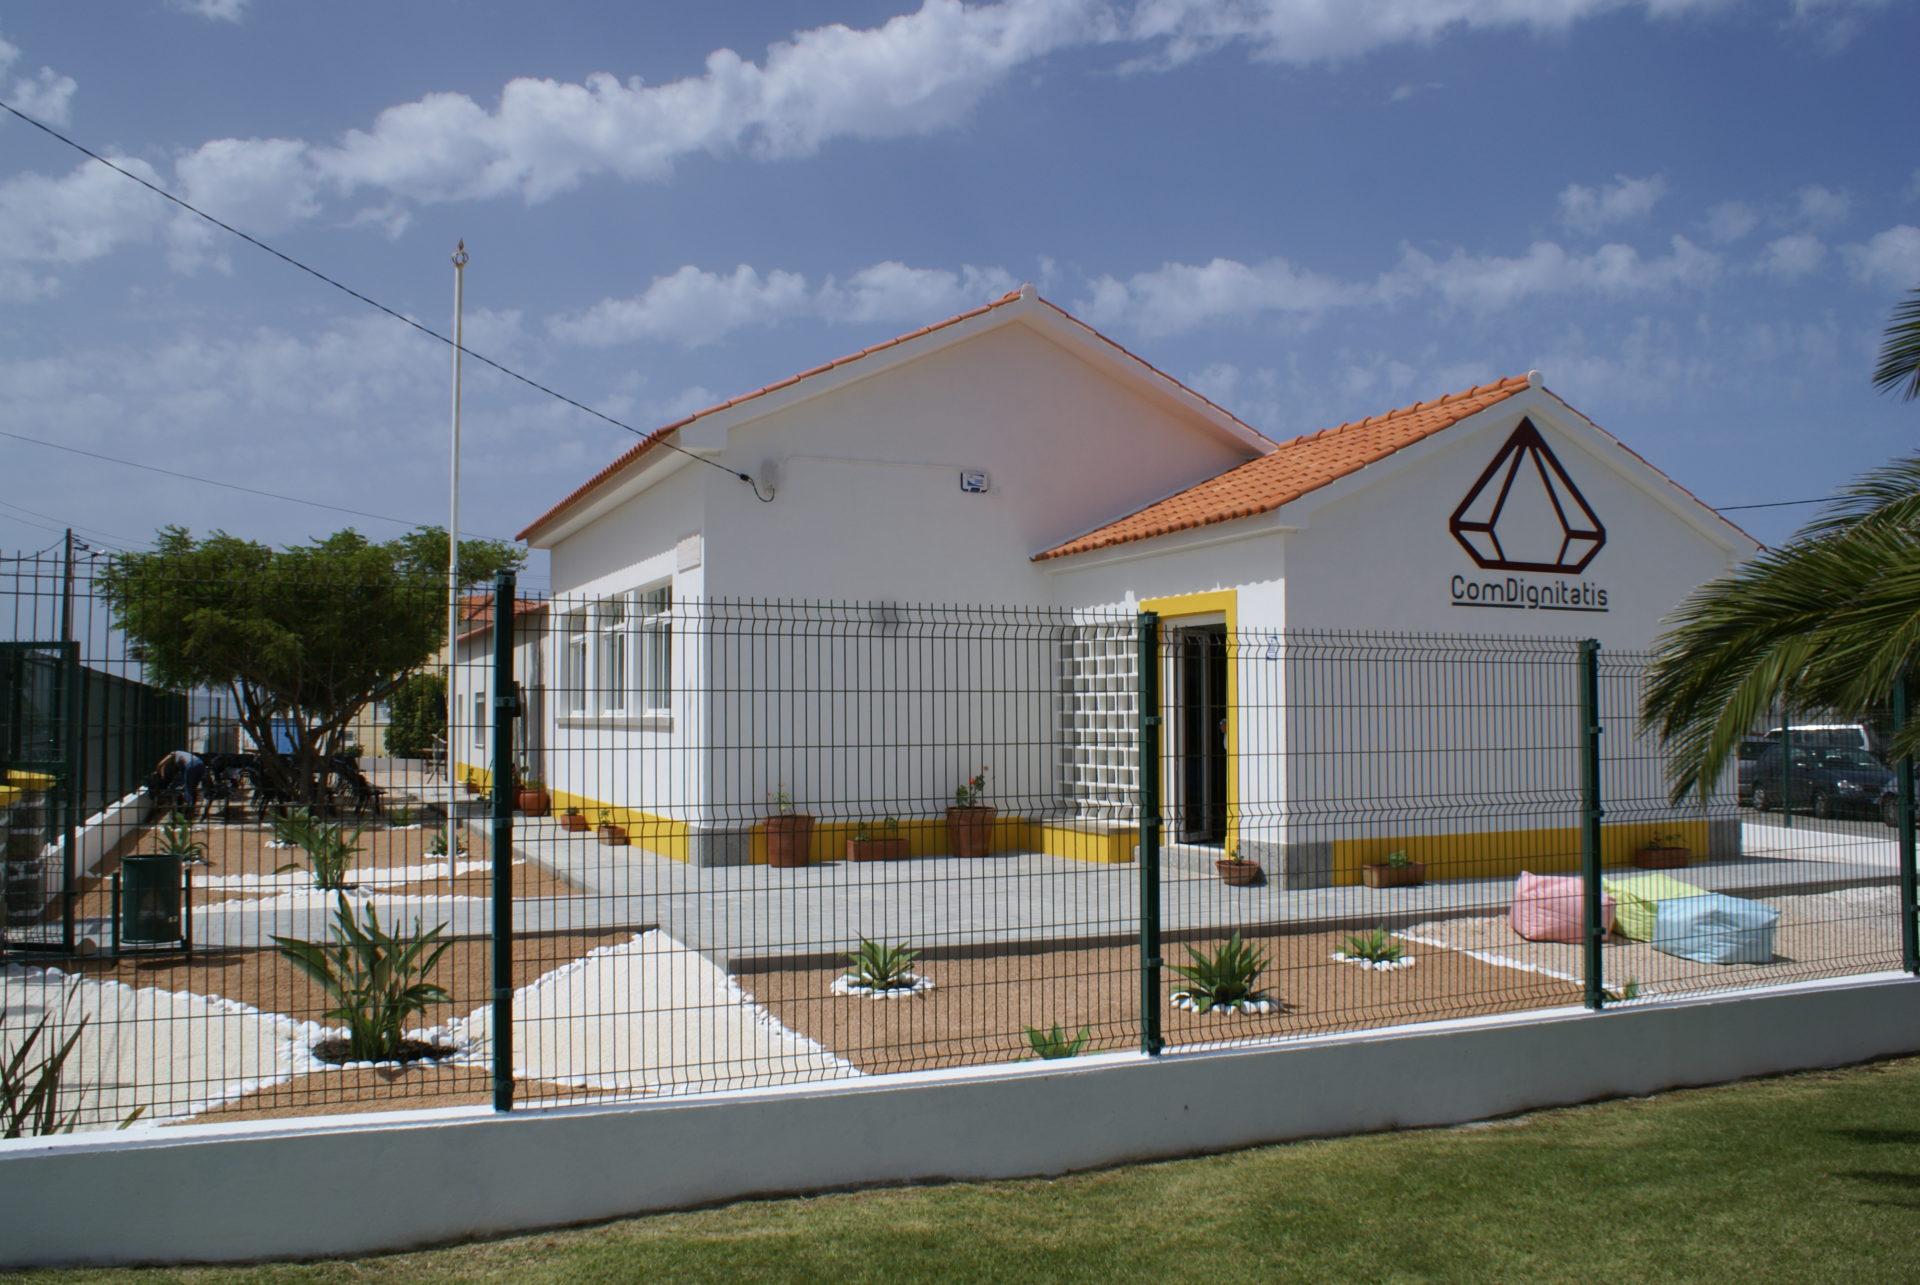 Comdignitatis - Associação Portuguesa para a Promoção da Dignidade Humana